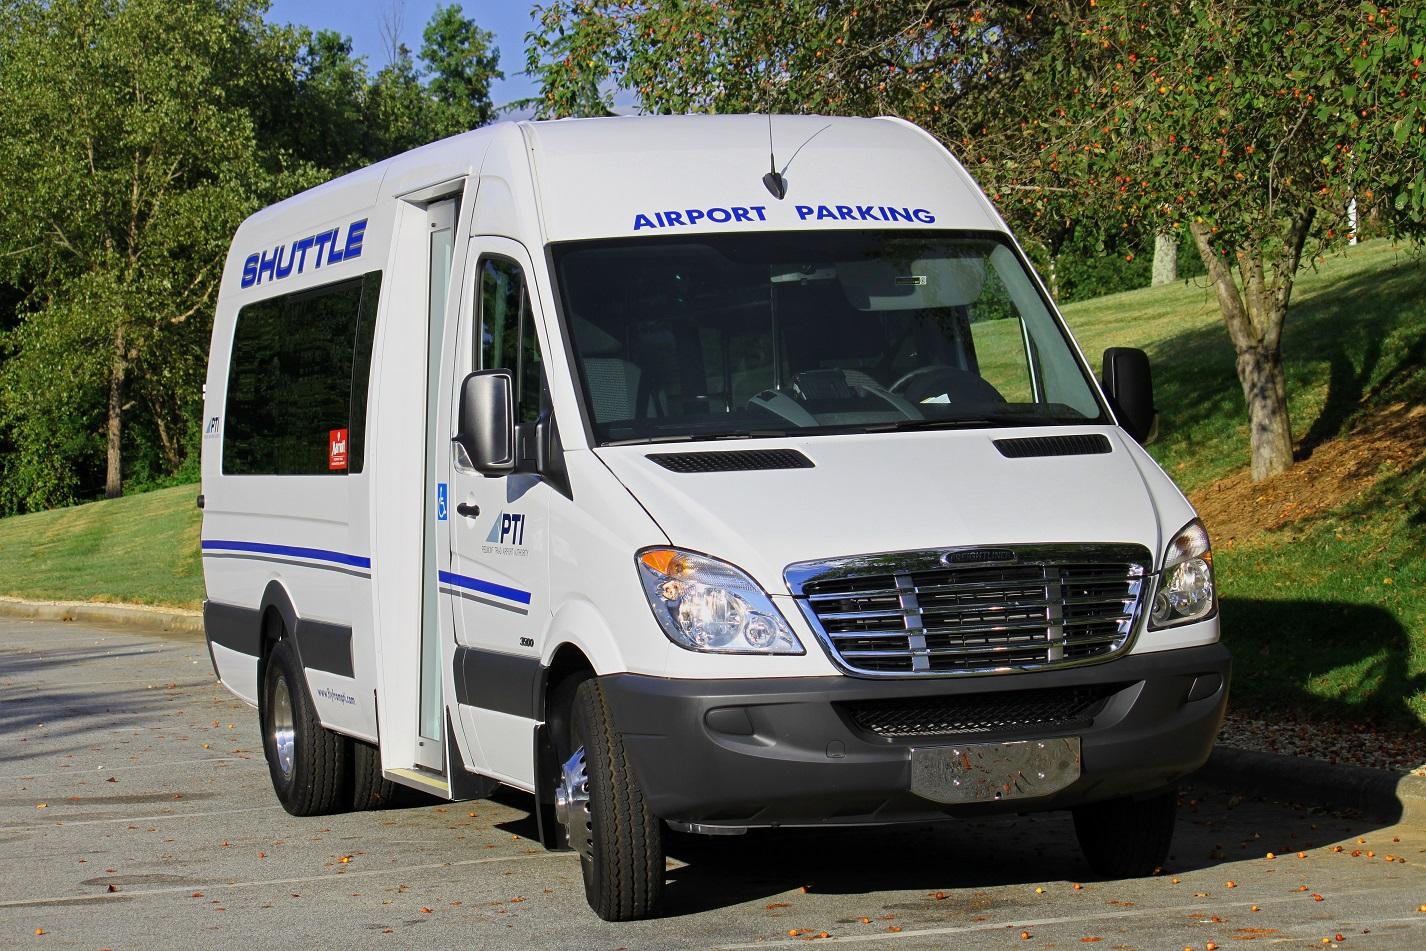 White small bus